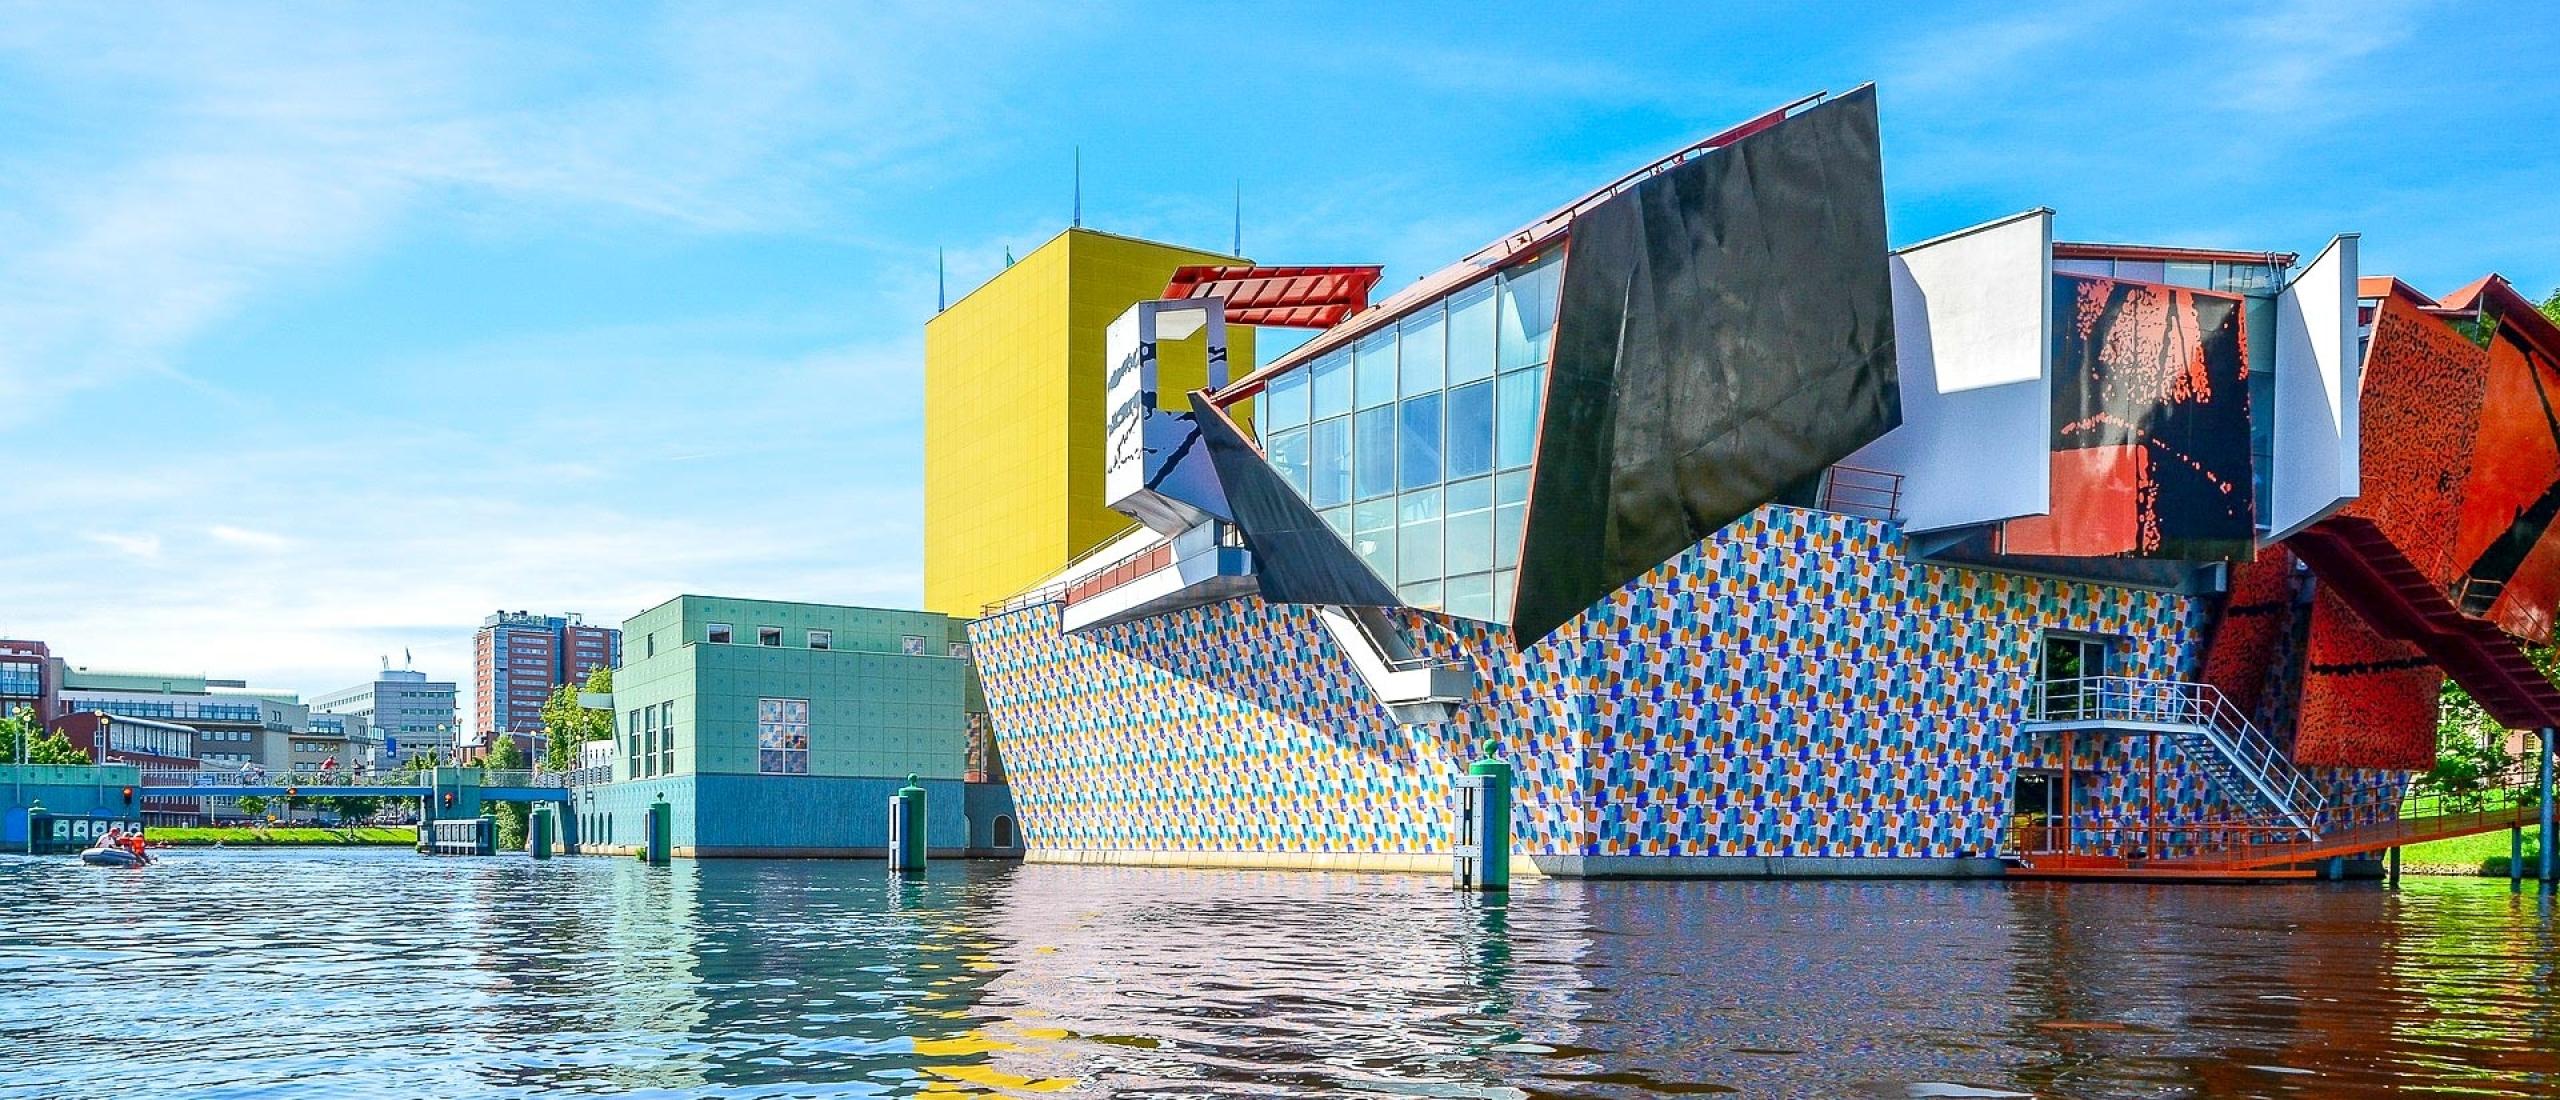 Camperplaatsen bij meer dan 100 musea in Nederland